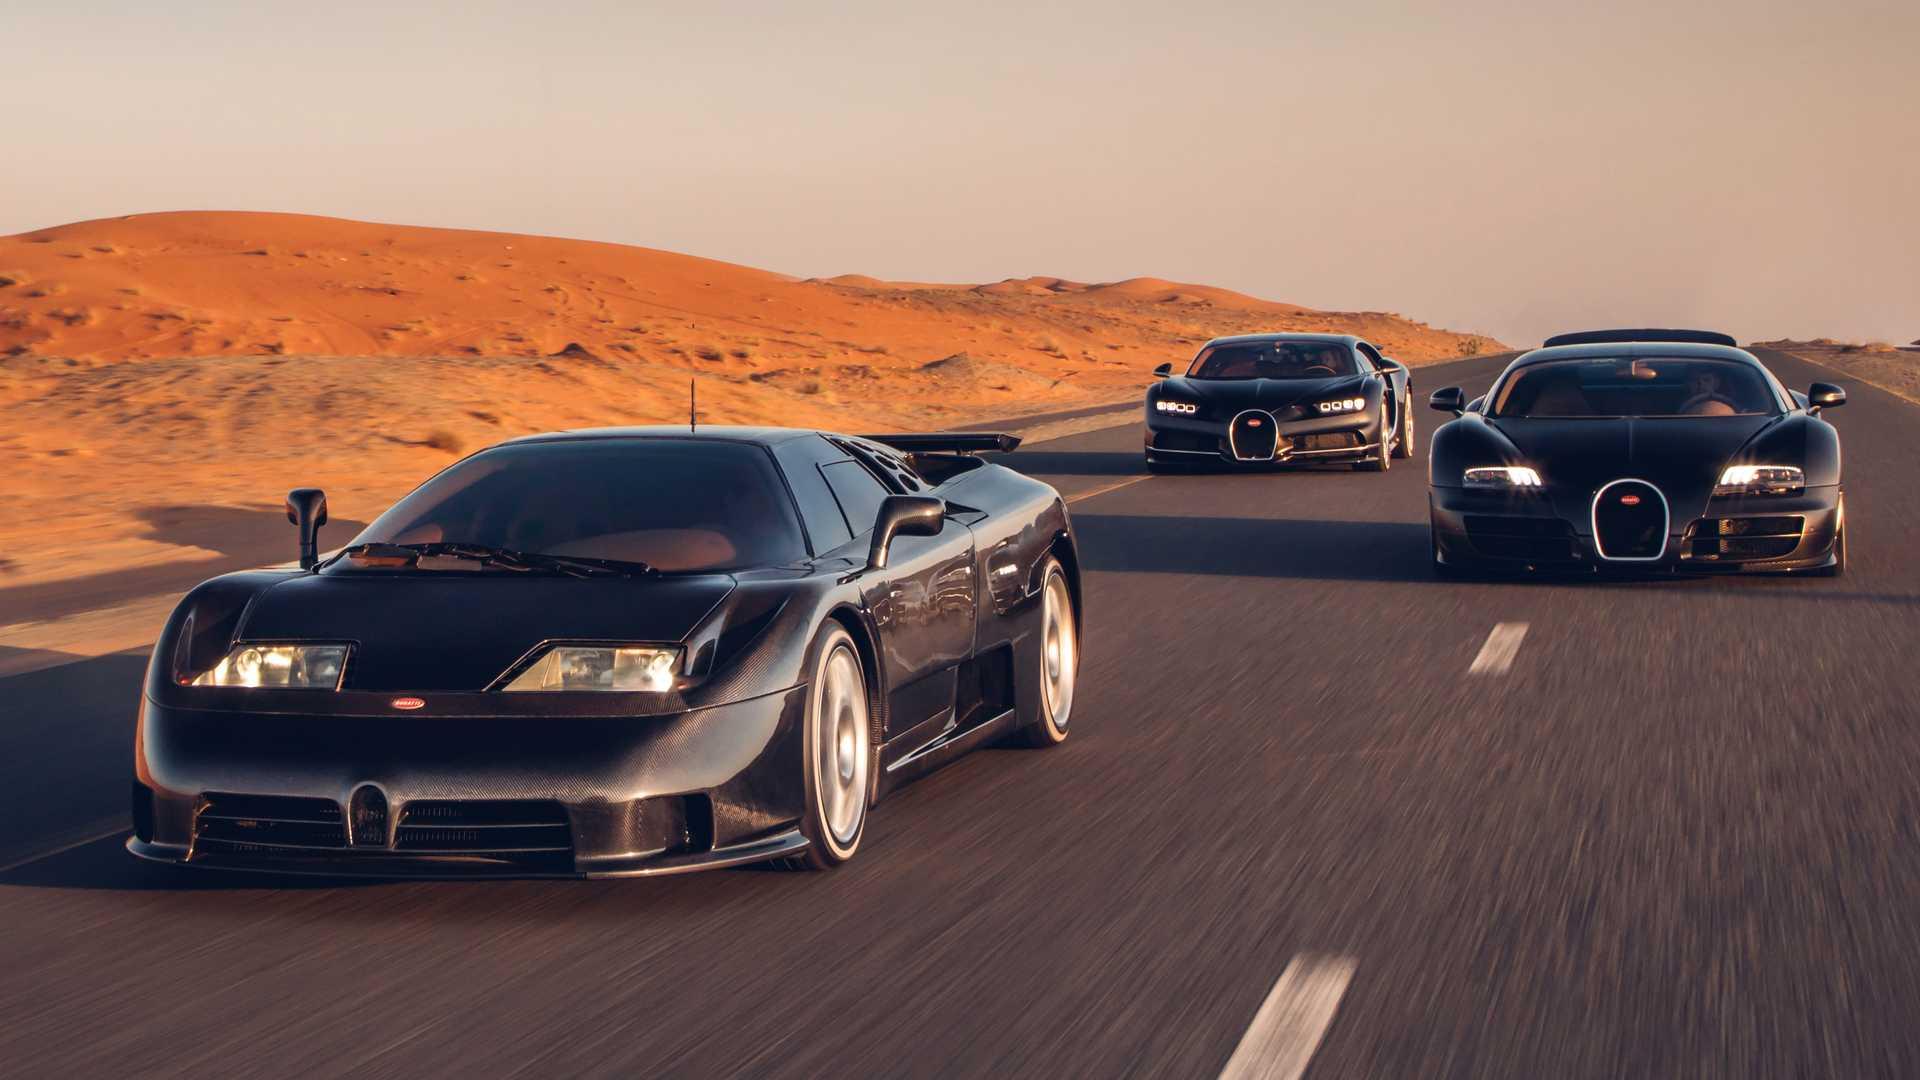 Modele Bugatti - Veyron, Chiron